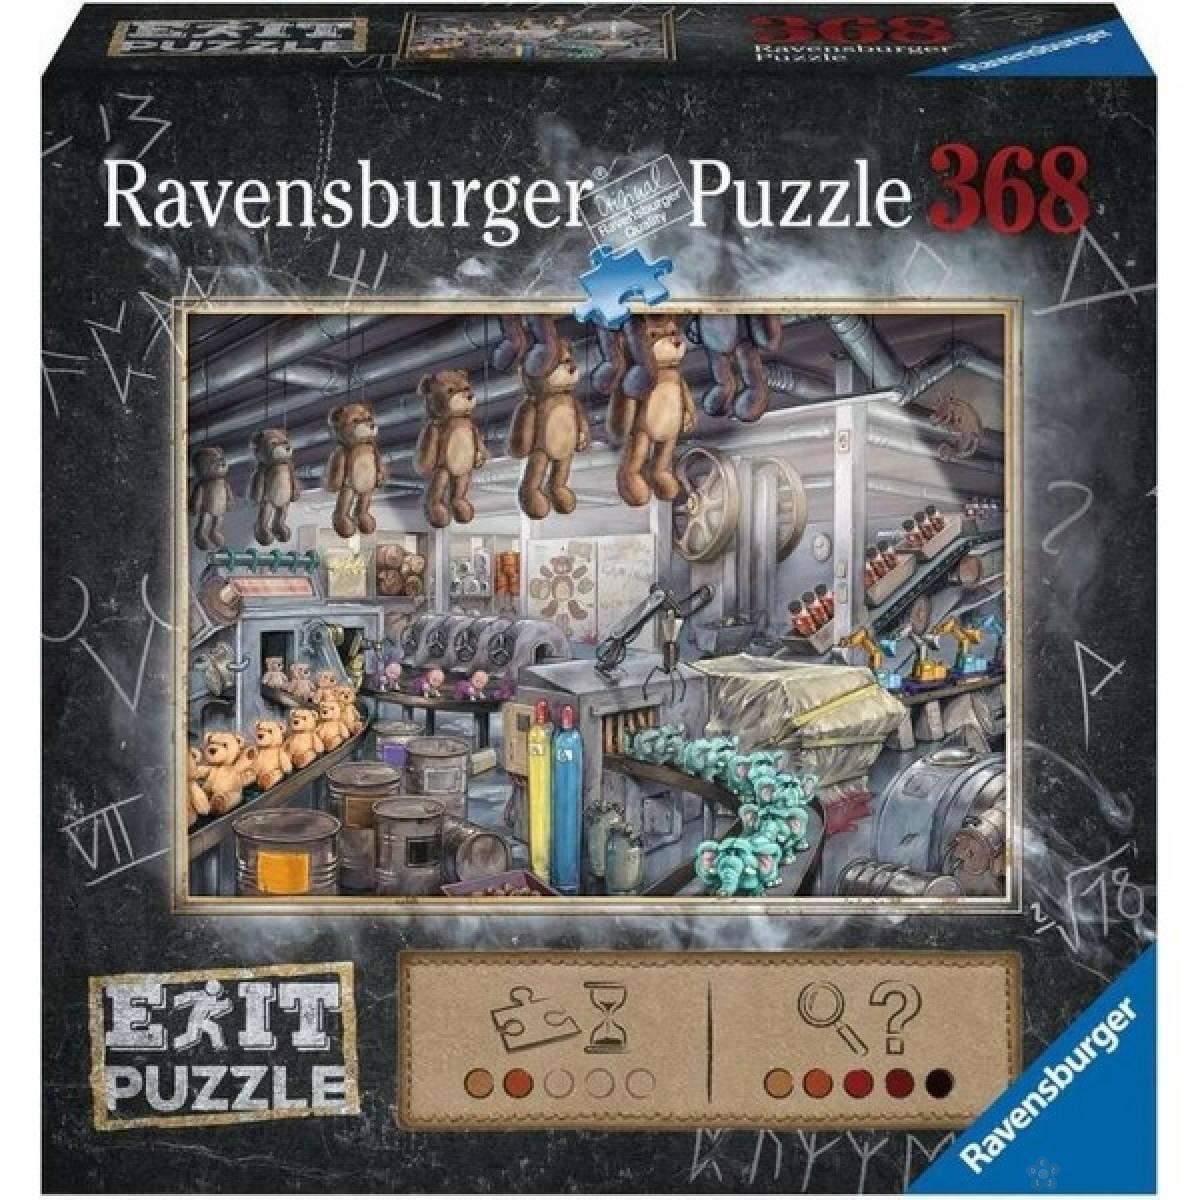 Ravensburger puzzle Exit puzzla fabrika igracaka RA16484